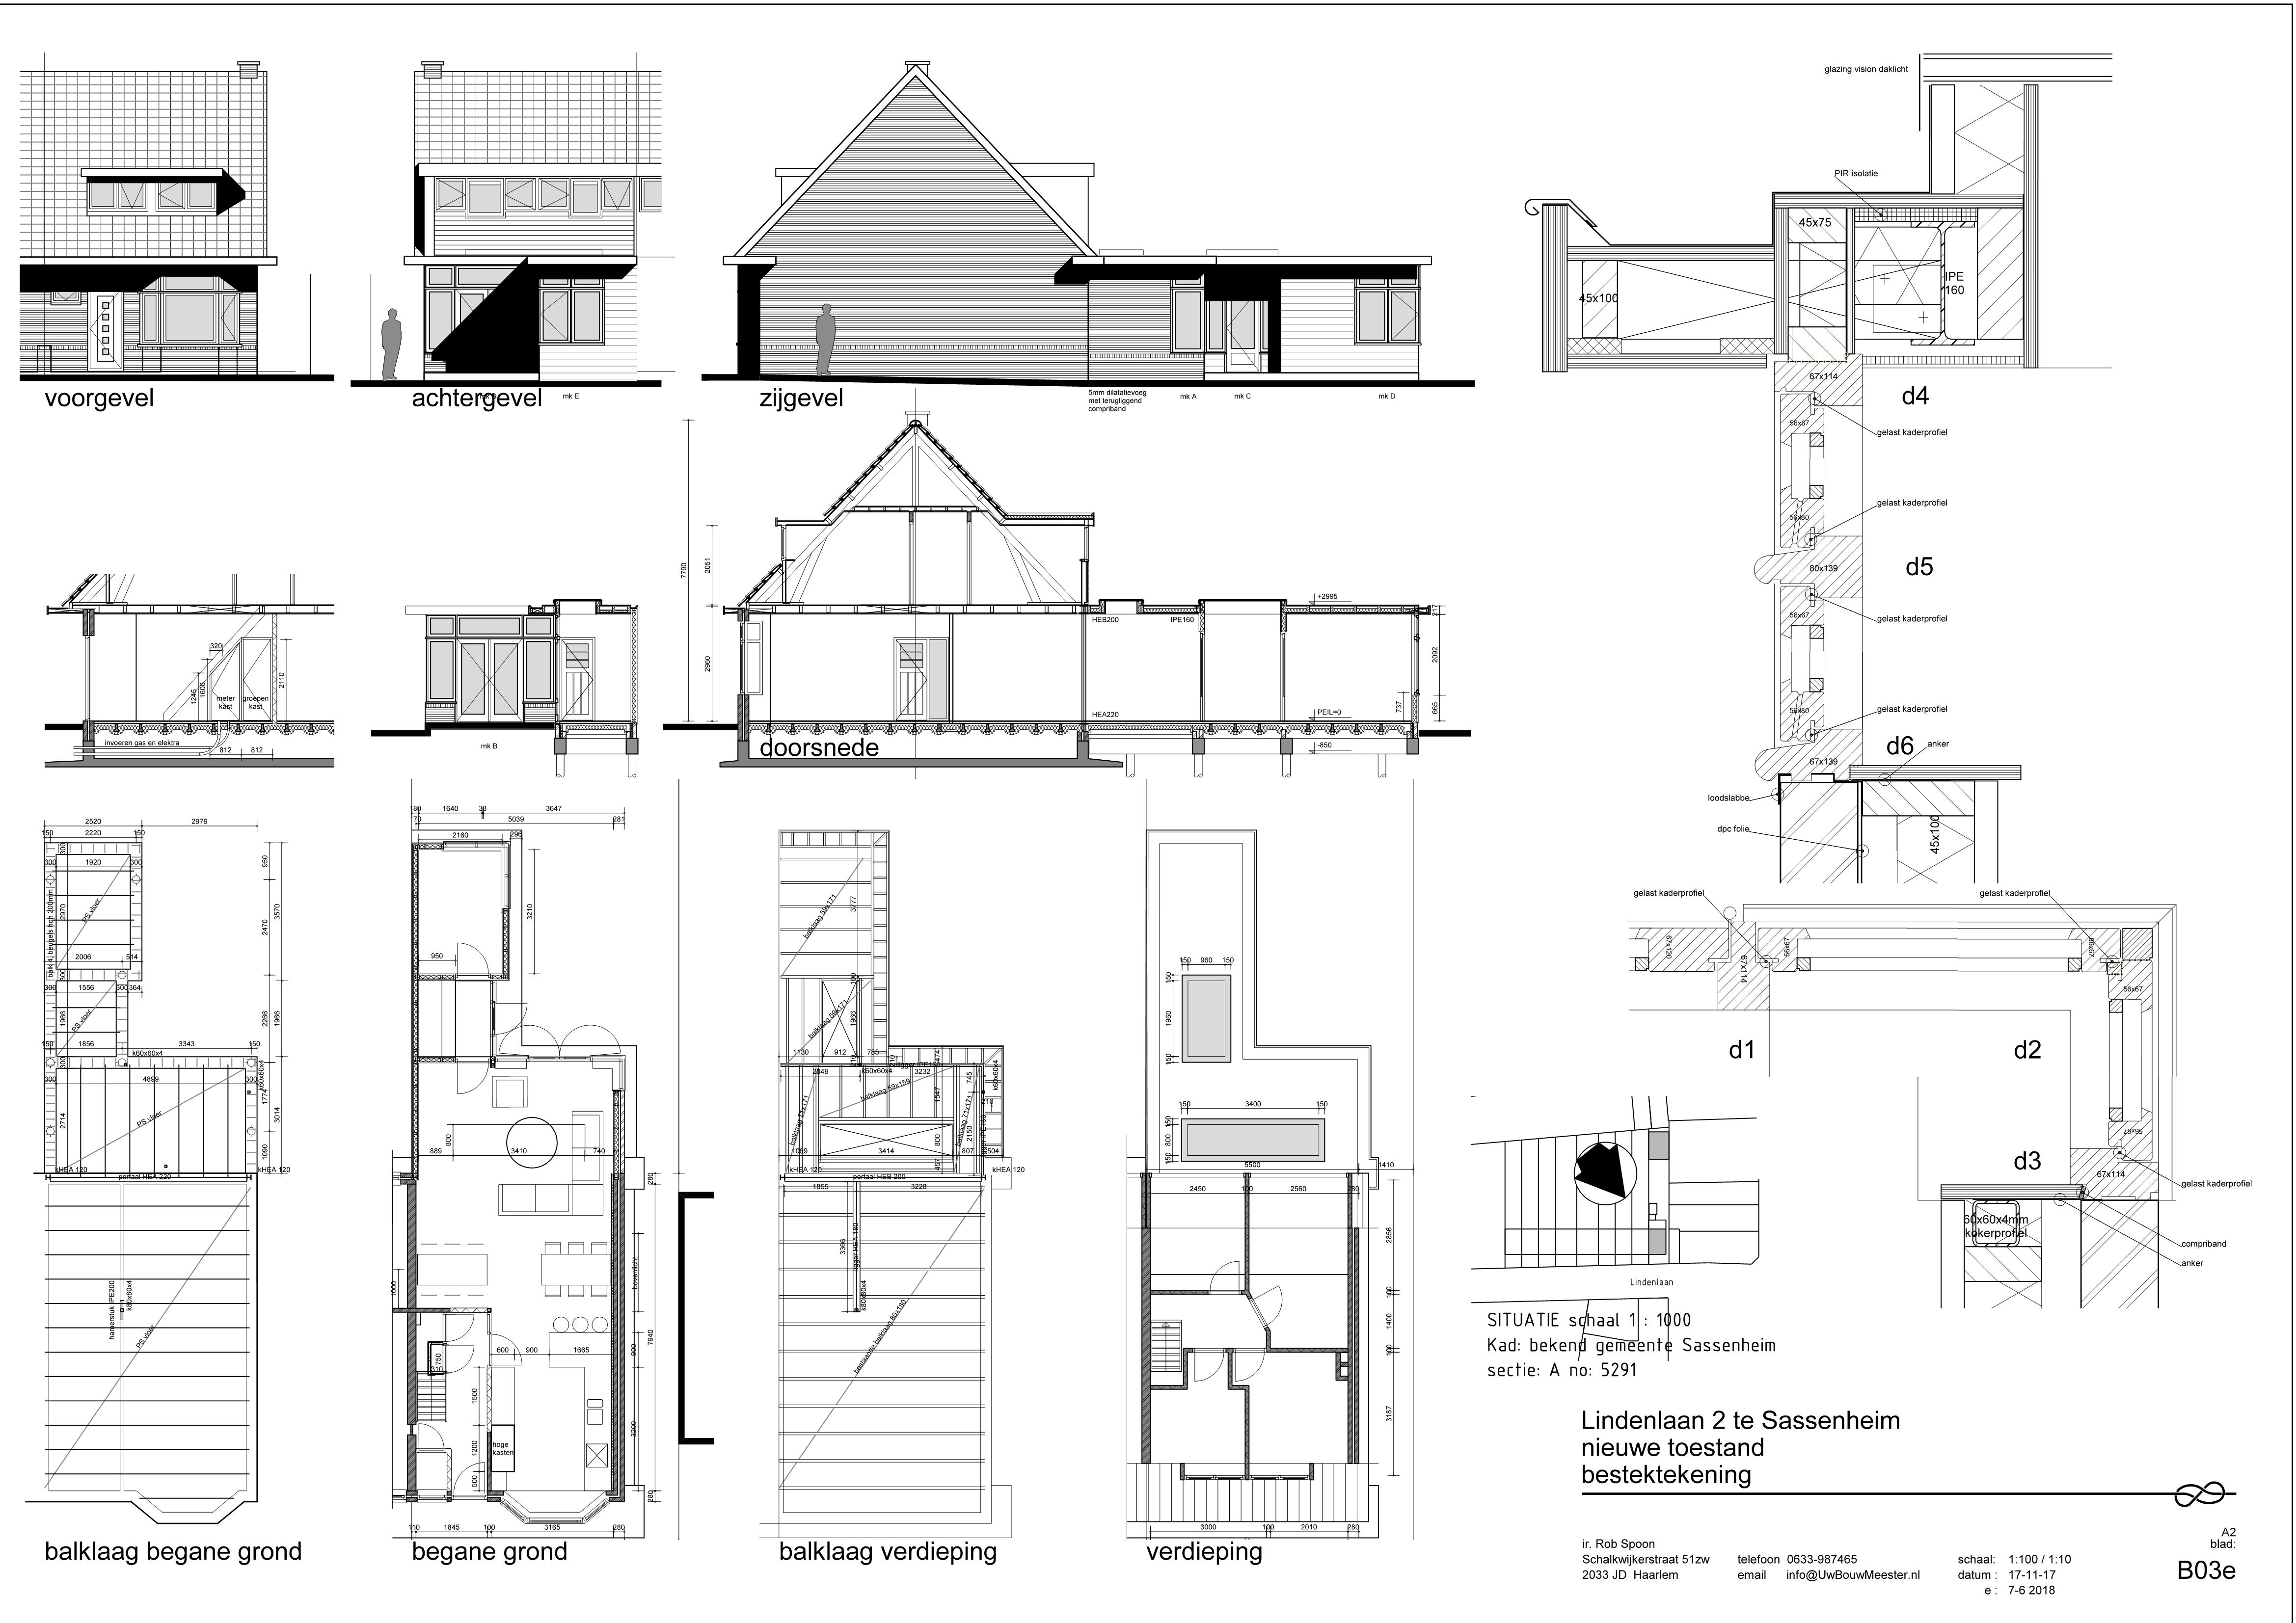 verbouwing en aanbouw Sassenheim